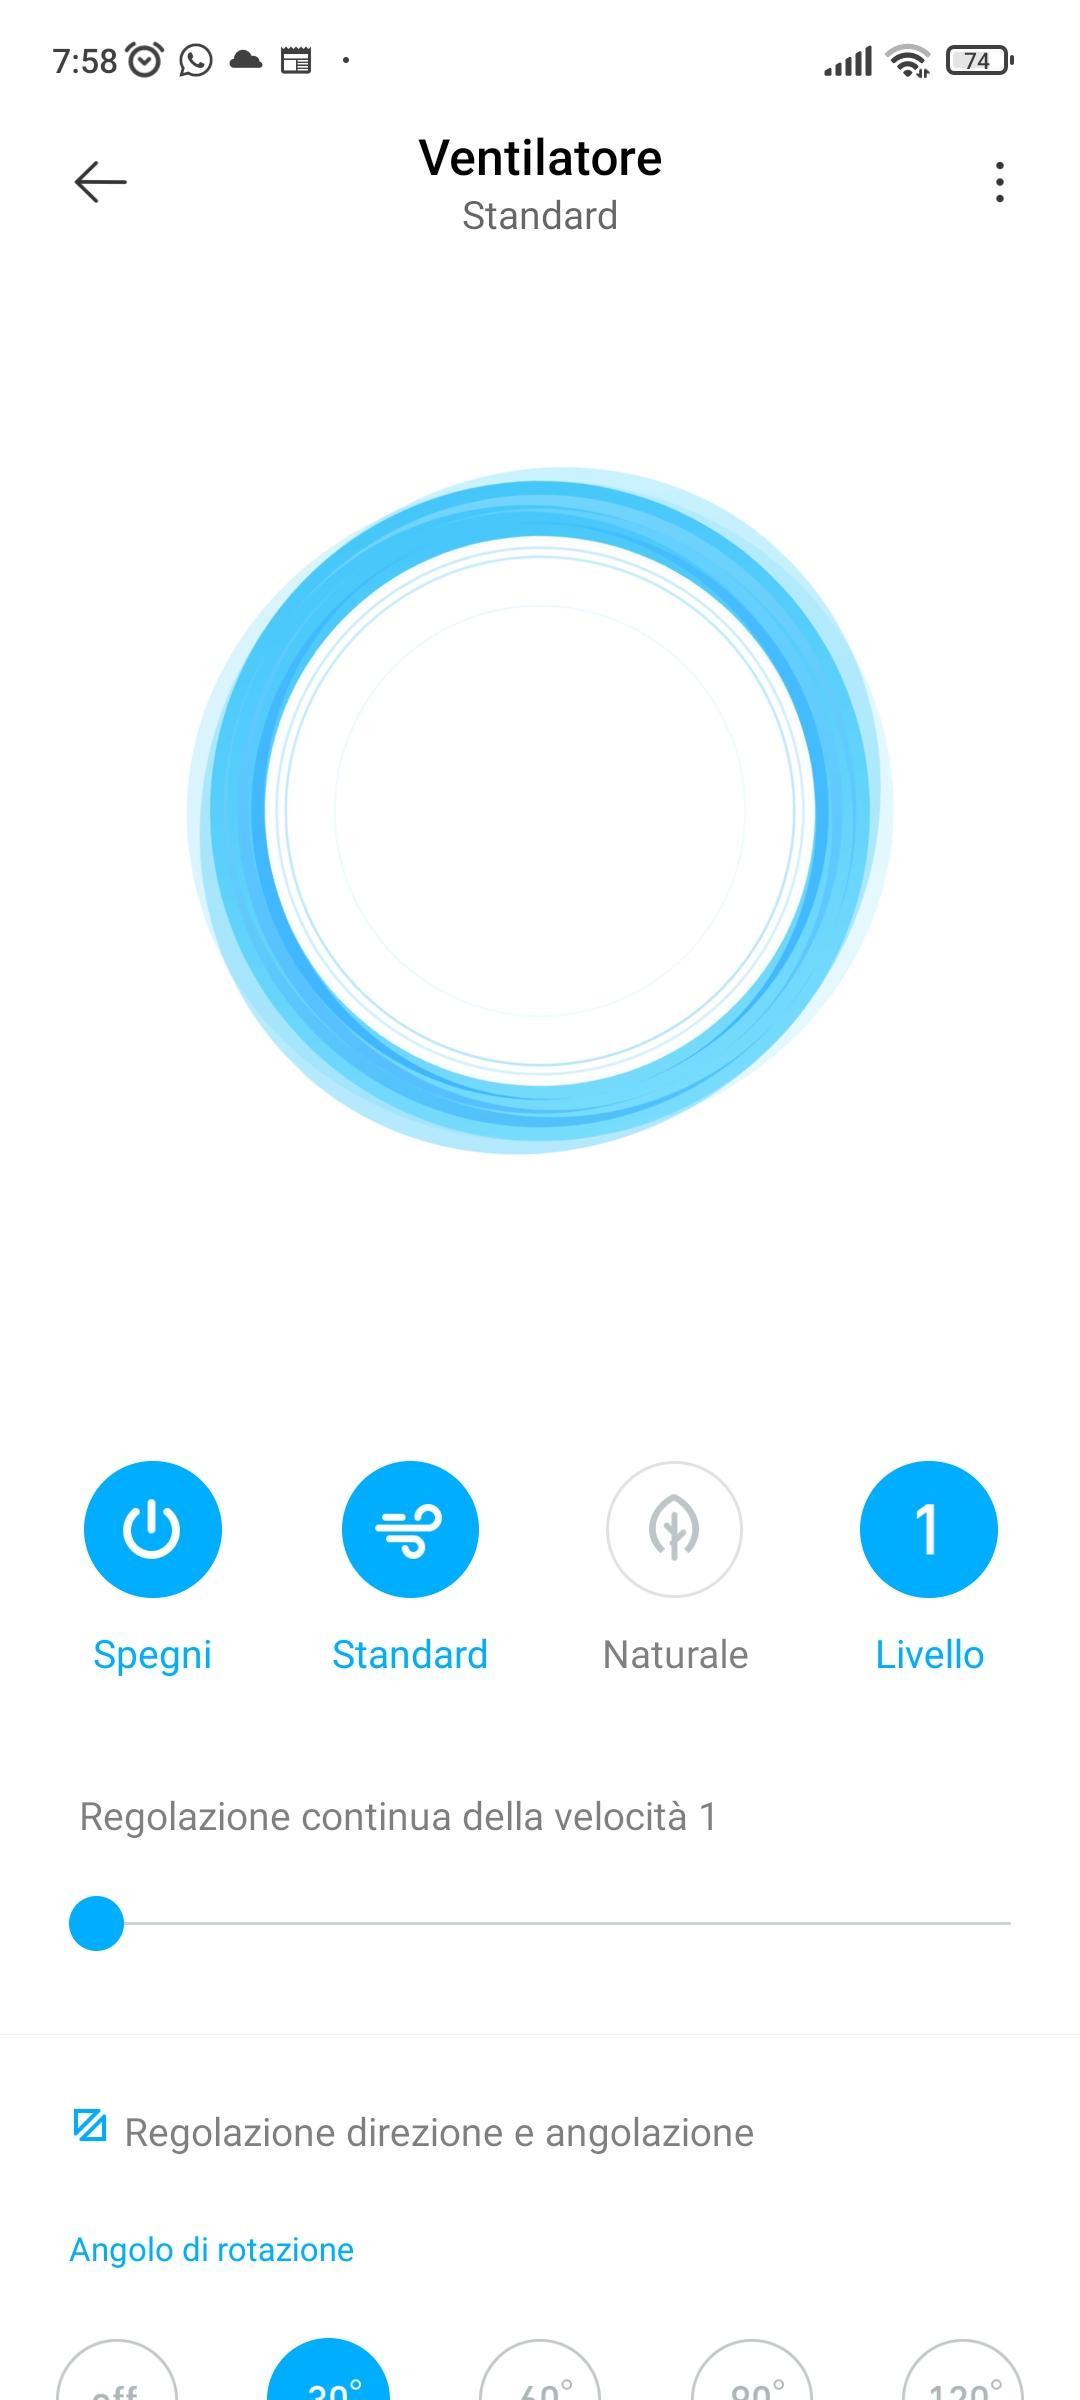 Recensione ventilatore Xiaomi Smartmi 2S, il miglior acquisto per questa calda estate